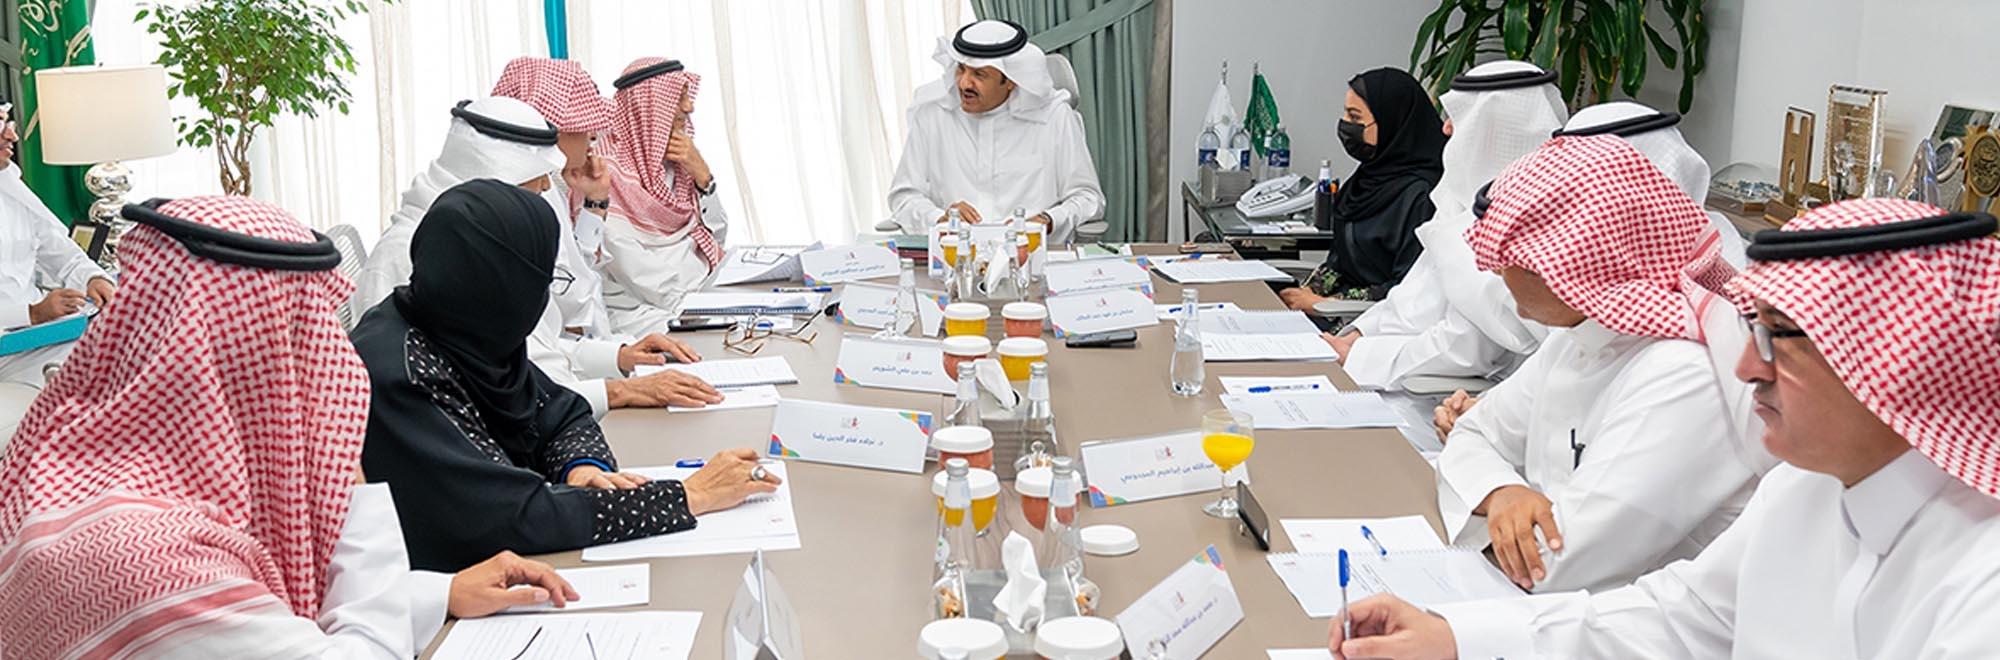 الأمير سلطان بن سلمان يرأس اجتماع مجلس إدارة الجمعية الرابع في دورته الثانية عشرة